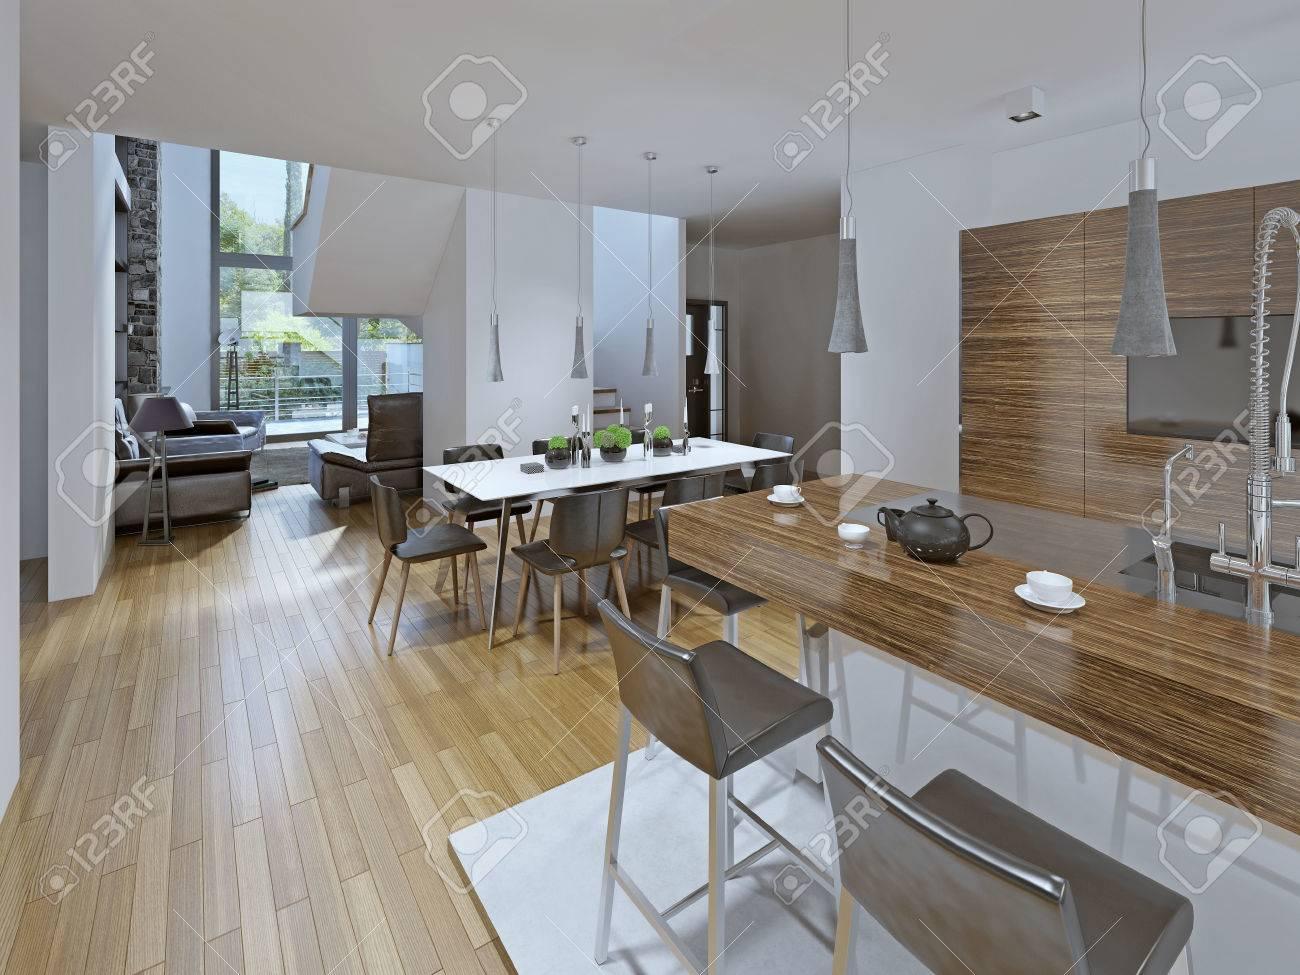 Kombinierte Esszimmer Mit Küche. Der Kontrast Zwischen Weiß Und Braun.